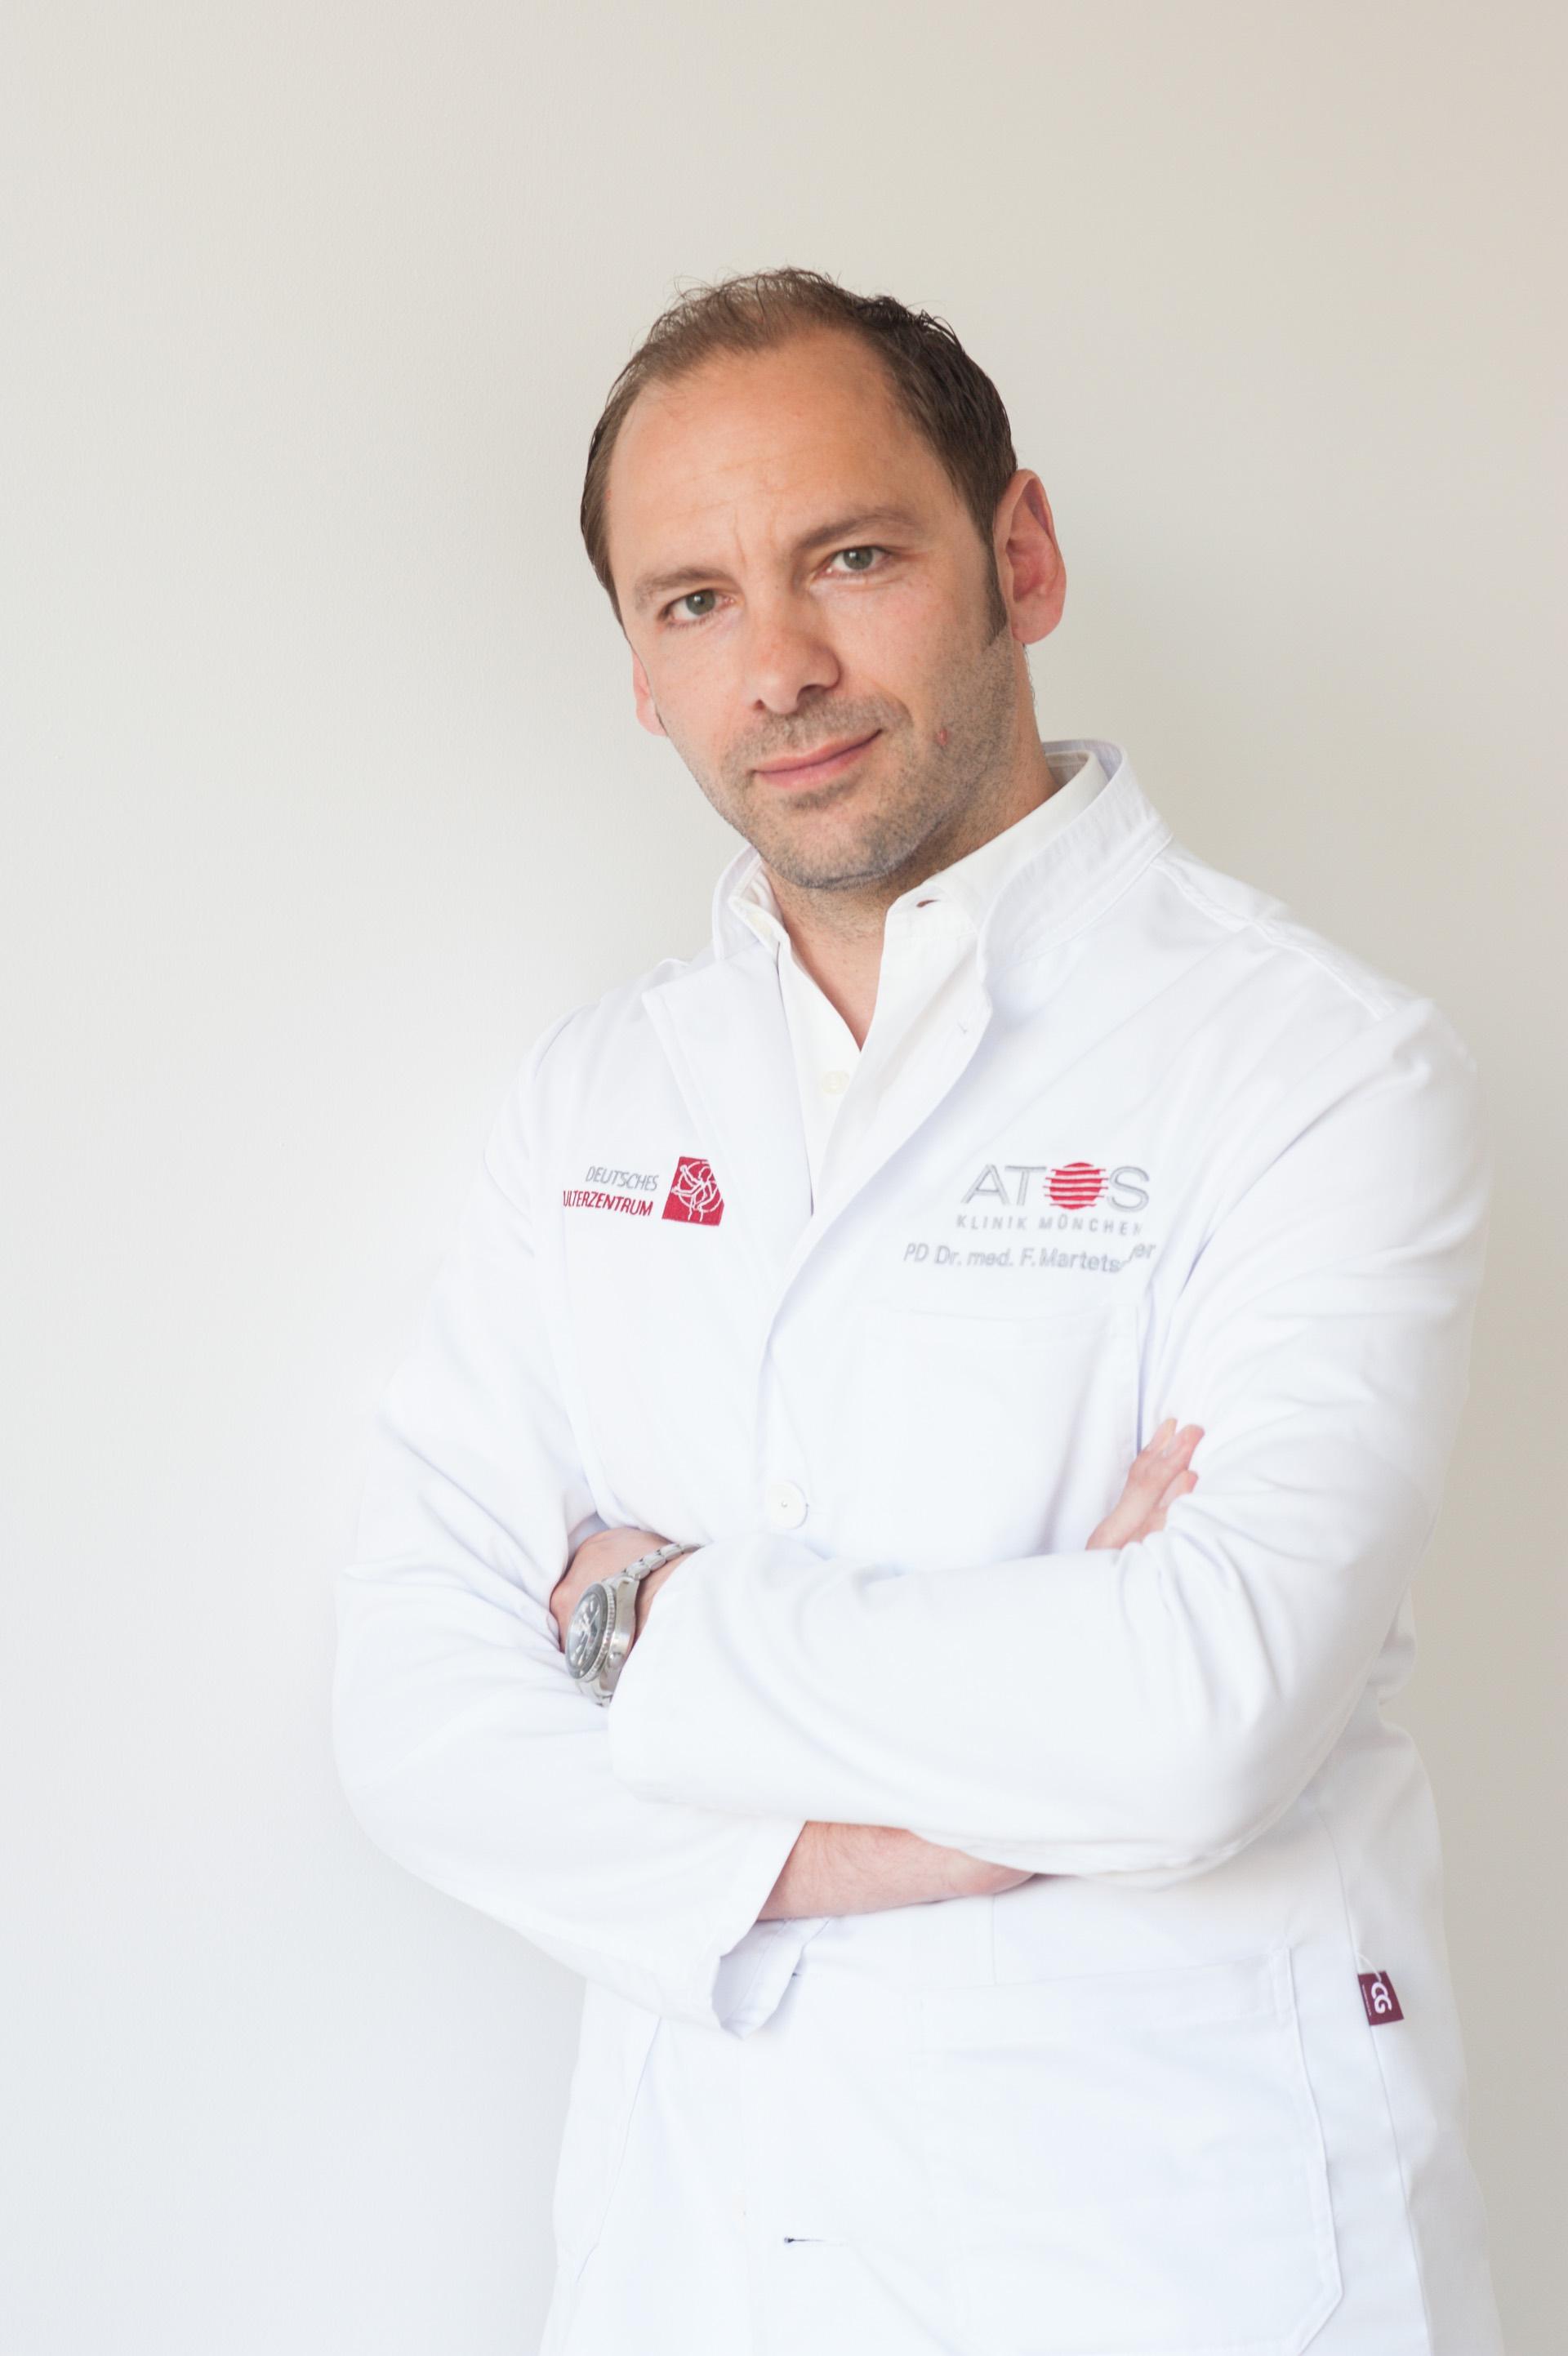 Dr. Frank Martetschläger